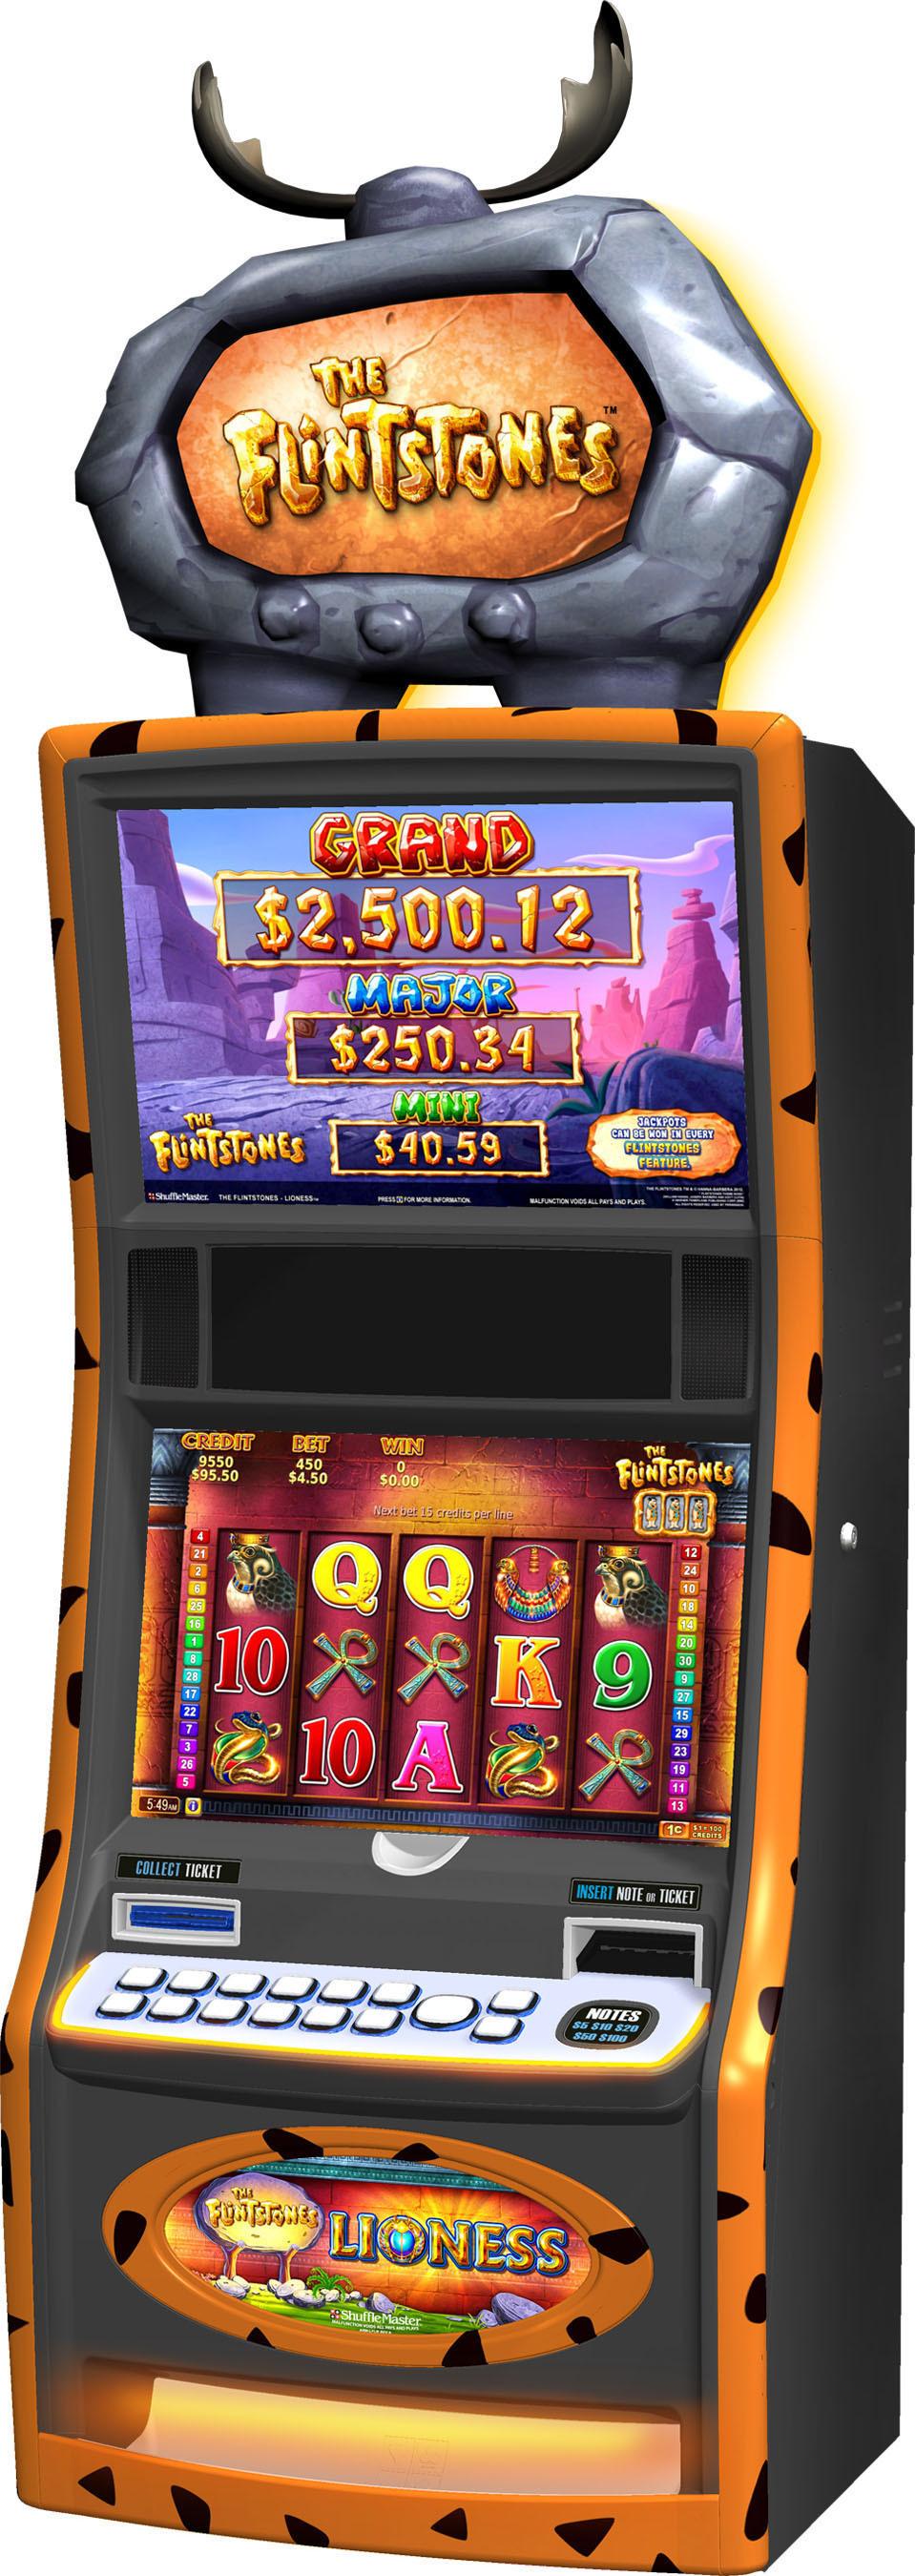 Jv spin casino no deposit bonus